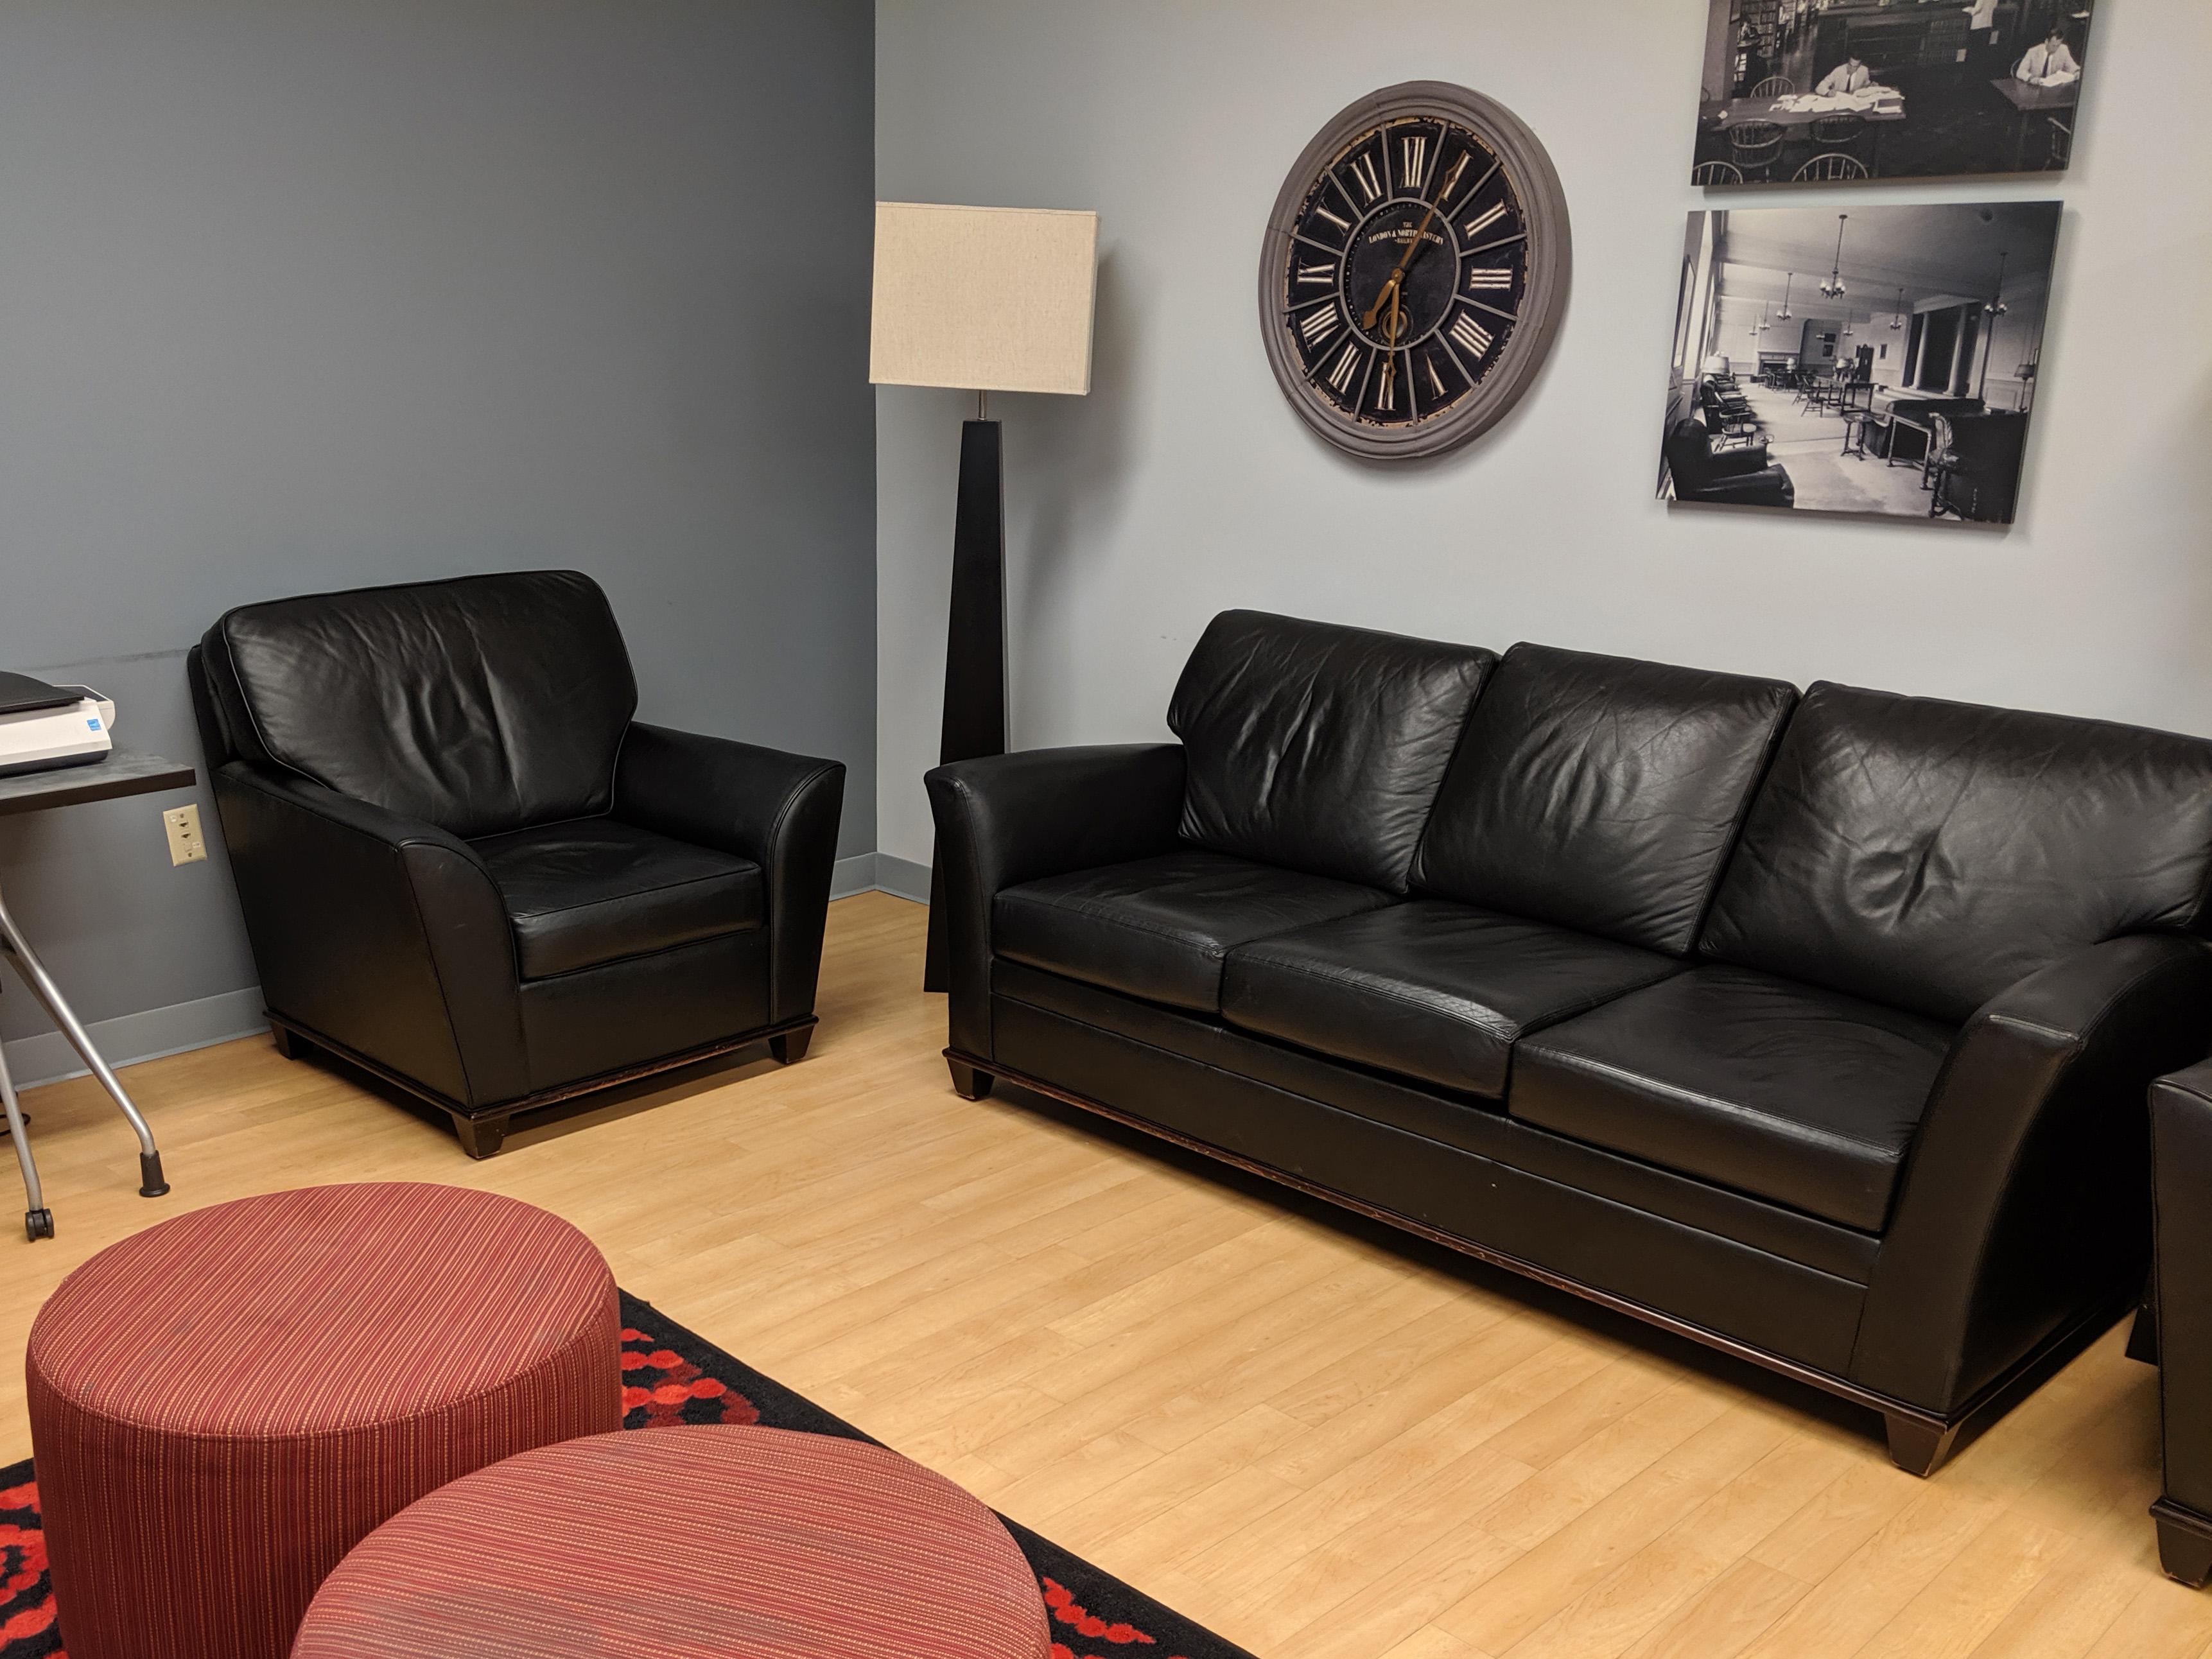 Lounge corner of myLab